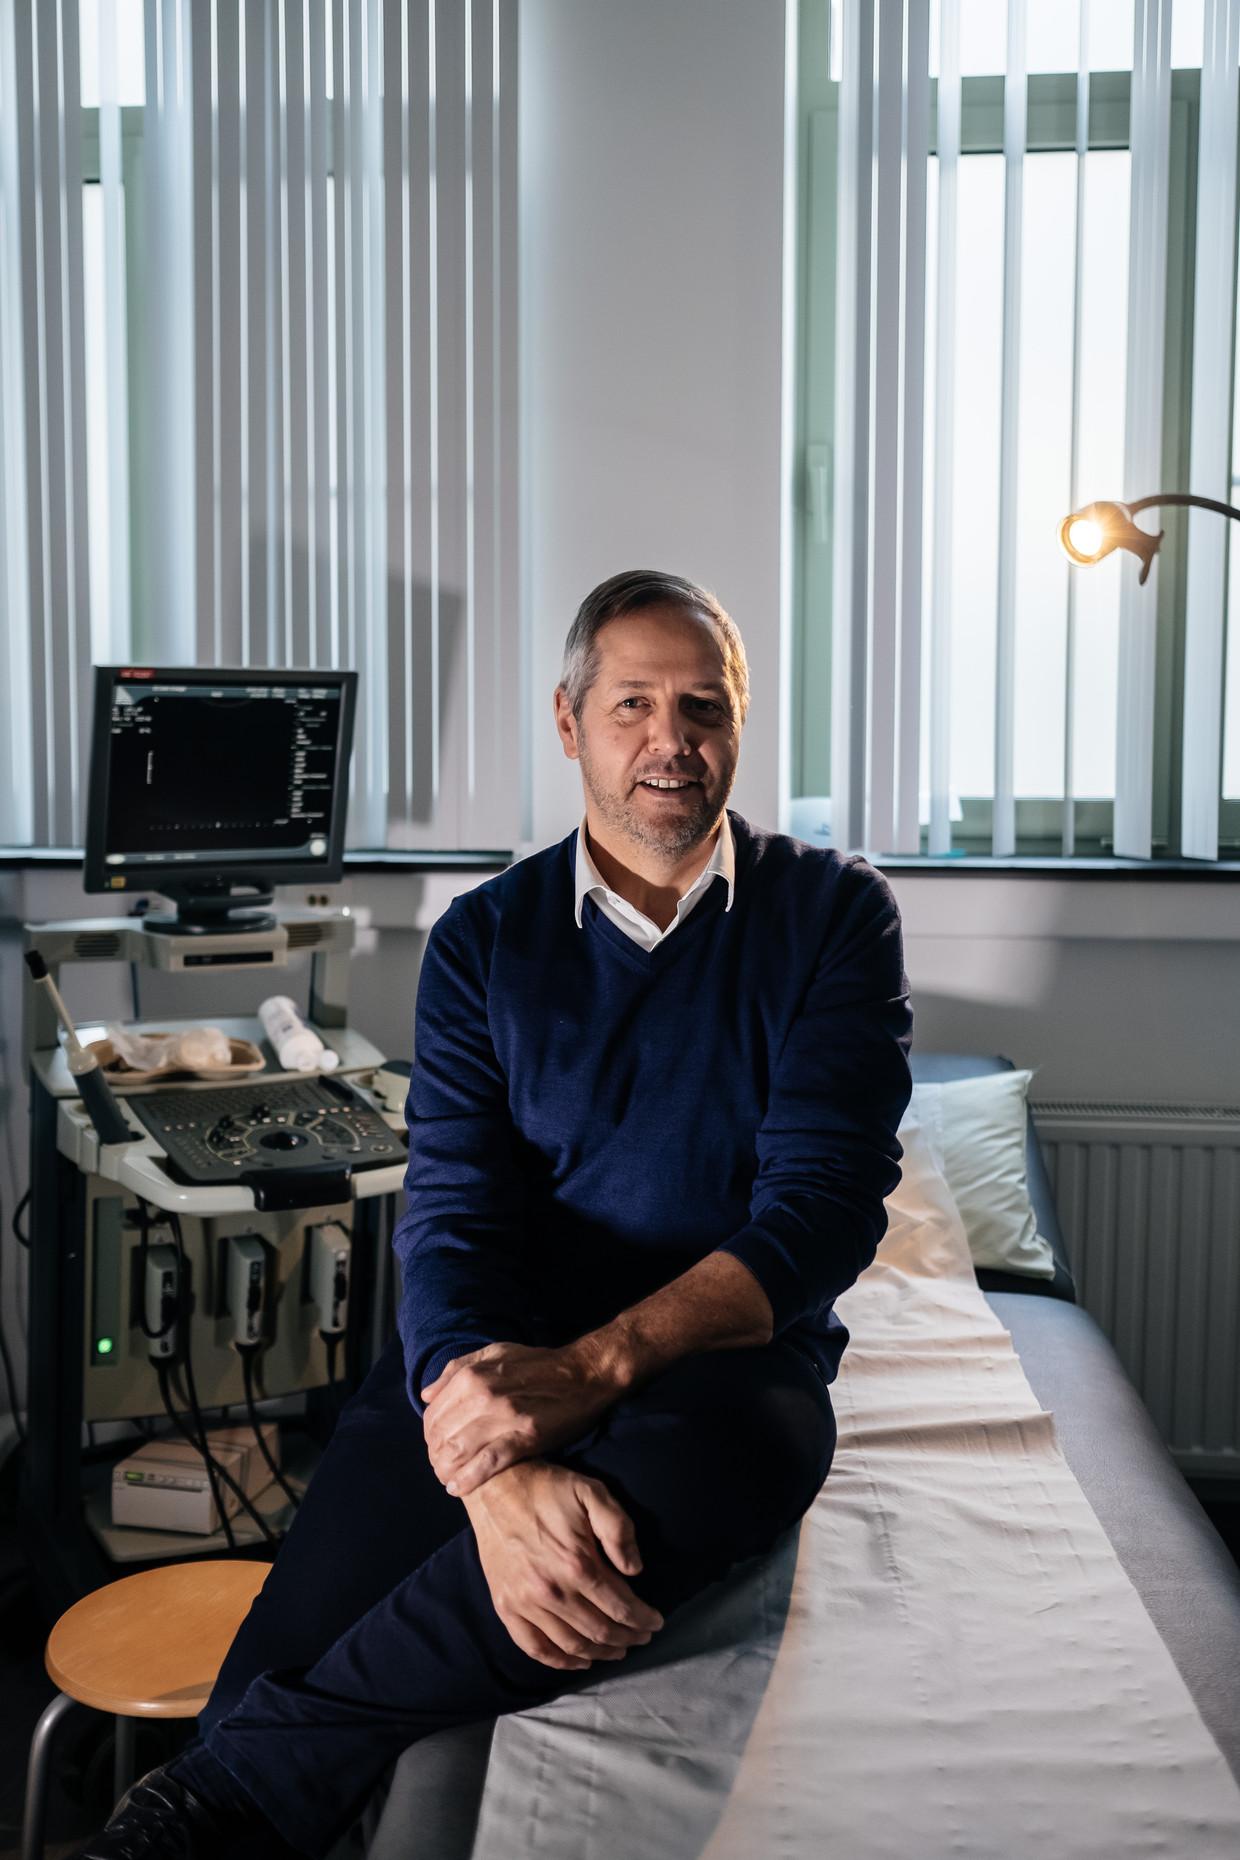 Bij uroloog Piet Hoebeke heeft vooral het opereren van transmannen er fors ingehakt. 'Liep zo'n gezonde patiënt een complicatie op, dan woog dat extra zwaar op mij.' Beeld Wouter Van Vooren